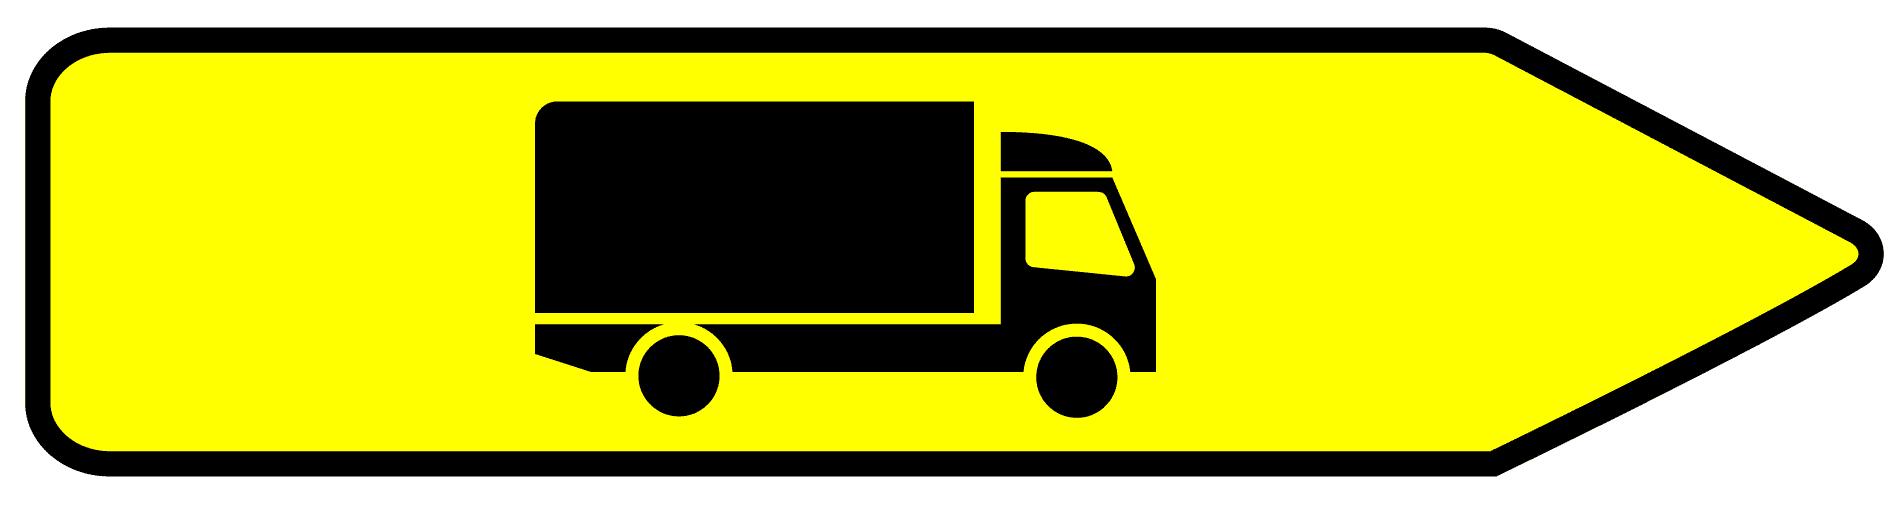 Verkehrszeichen 421